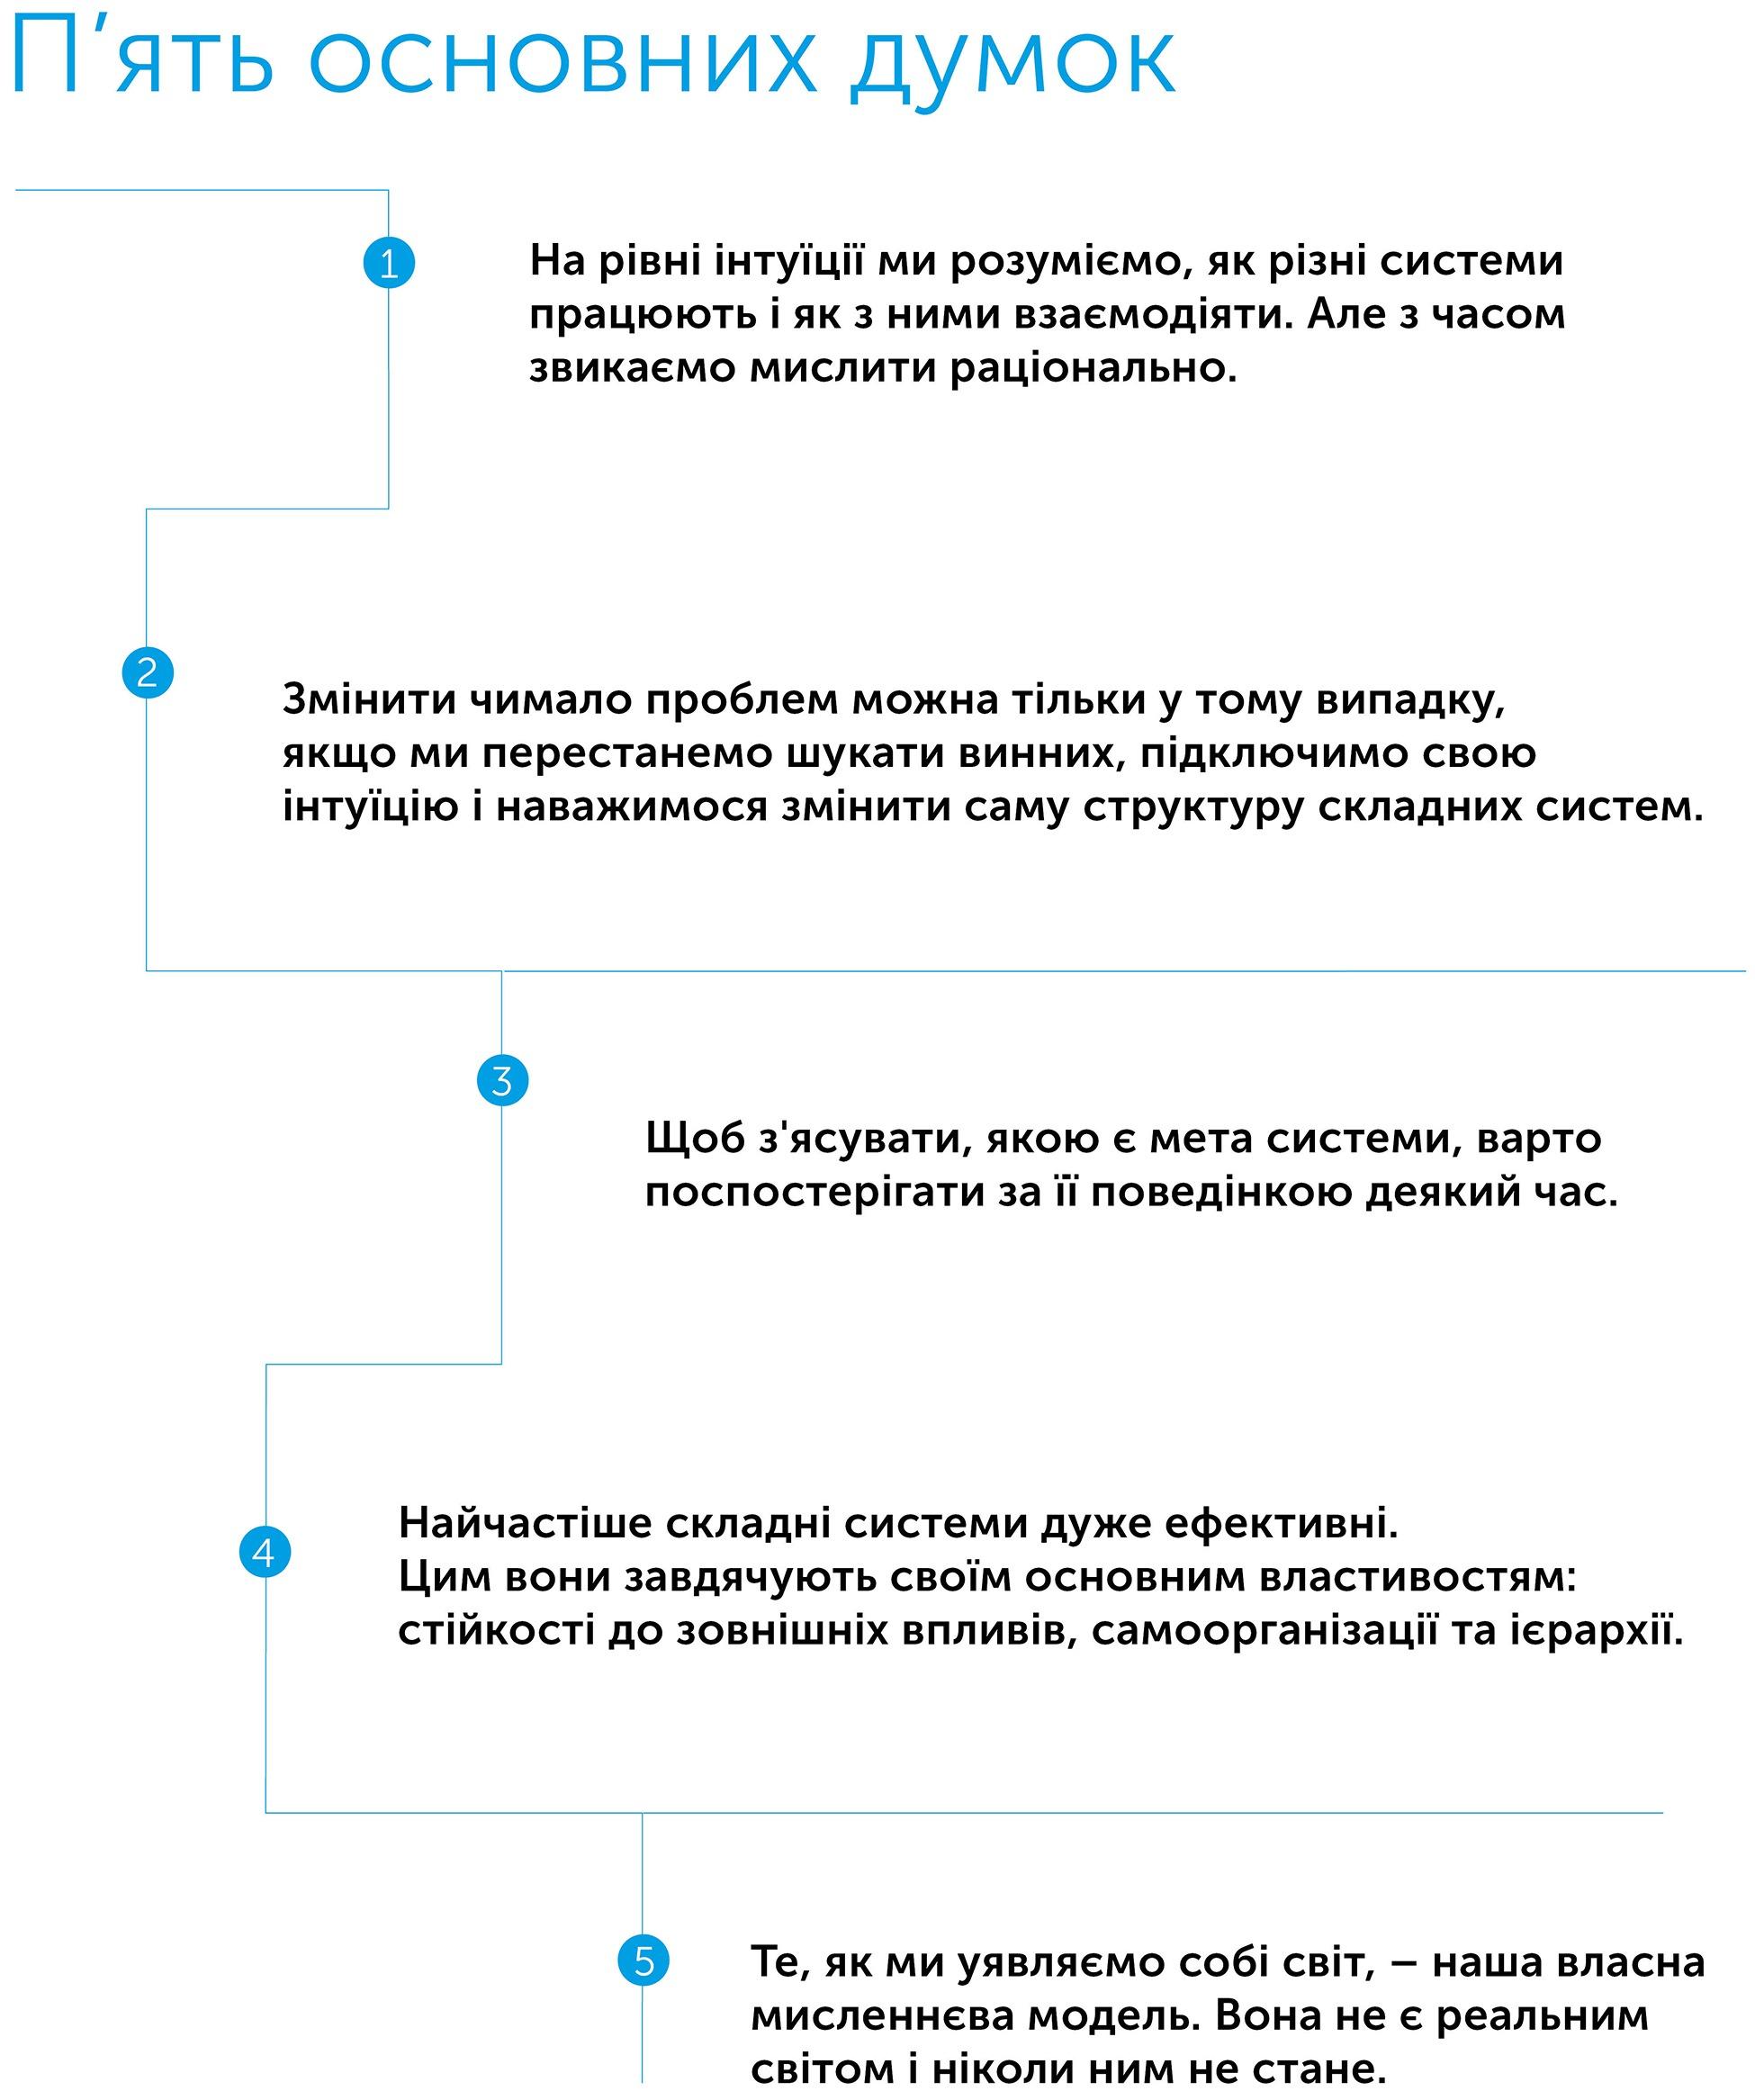 Азбука системного мислення. Як зрозуміти поведінку систем, автор Донелла Медоуз   Kyivstar Business Hub, зображення №2